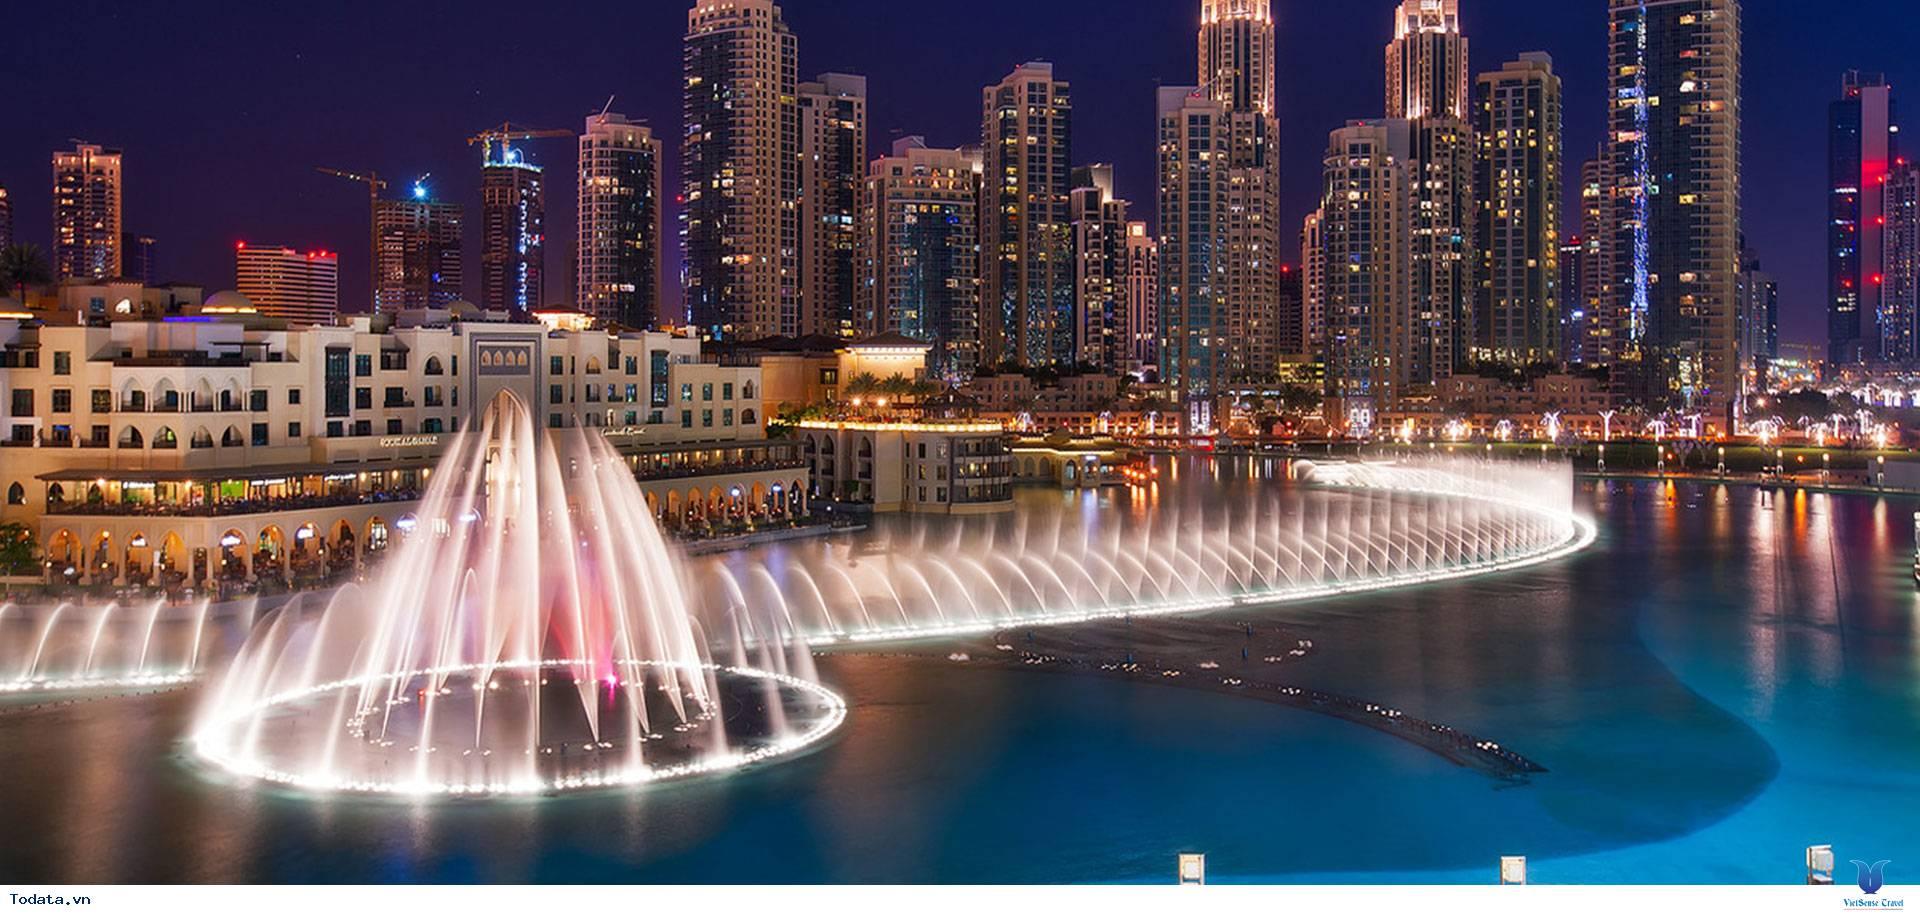 Mãn Nhãn Với Đài Phun Nước Lớn Nhất Thế Giới Ở Dubai - Ảnh 7